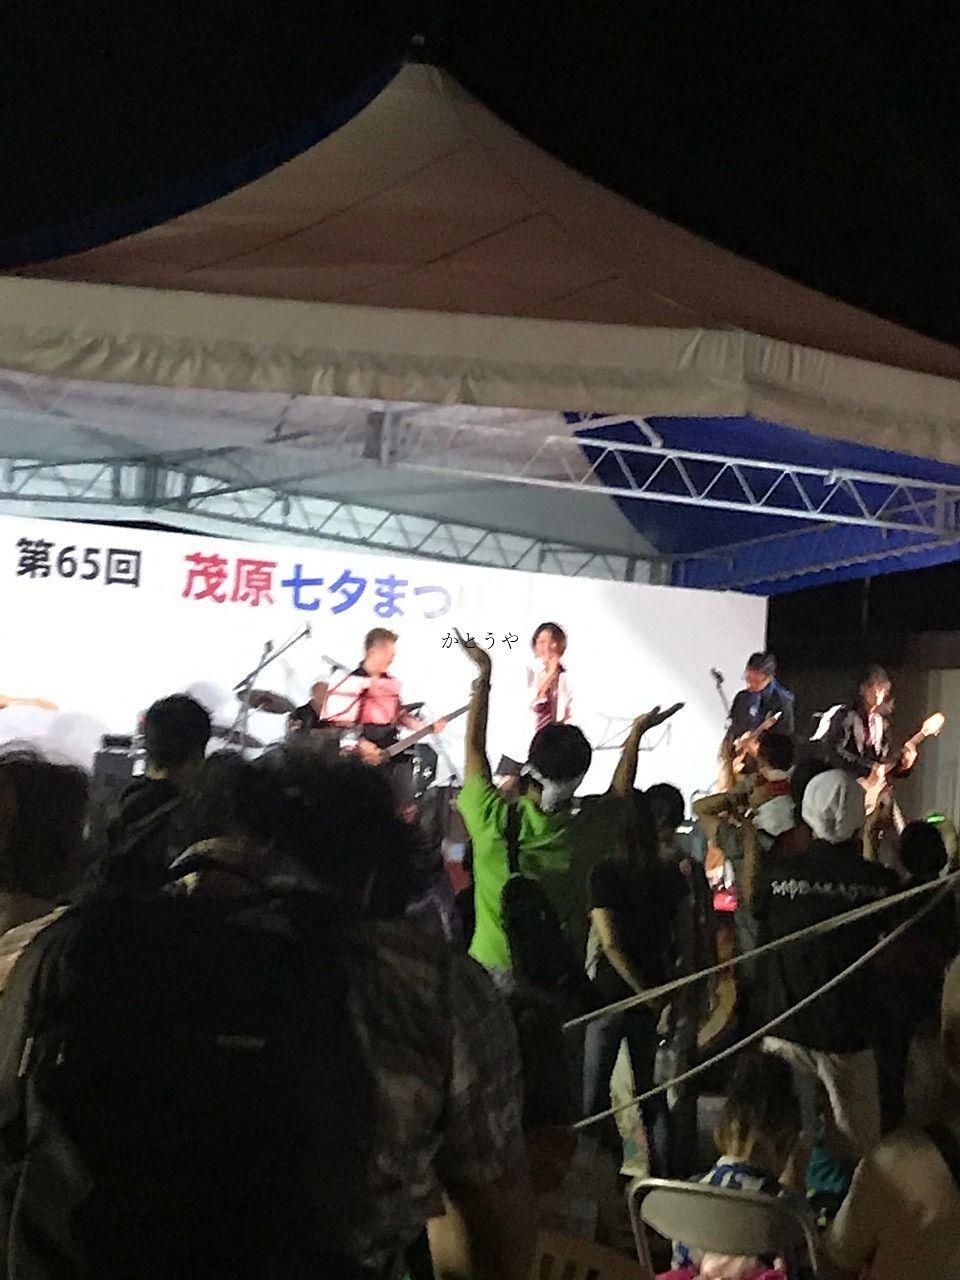 観客もノリが良い茂原七夕祭りです。